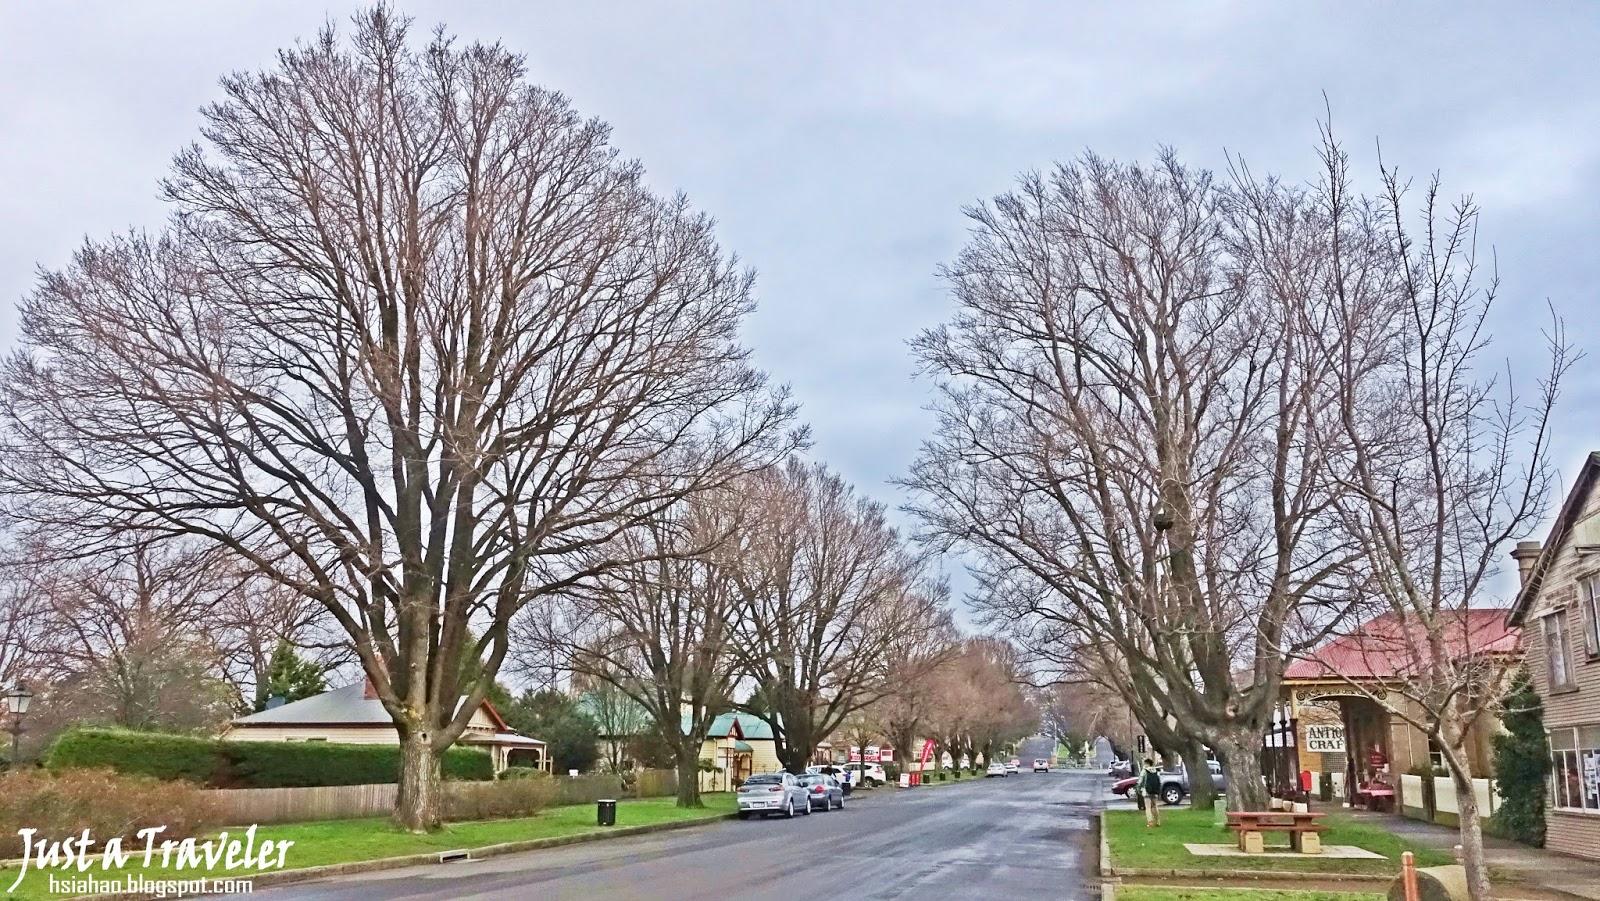 塔斯馬尼亞-景點-推薦-羅斯-Ross-旅遊-自由行-澳洲-Tasmania-Tourist-Attraction-Australia